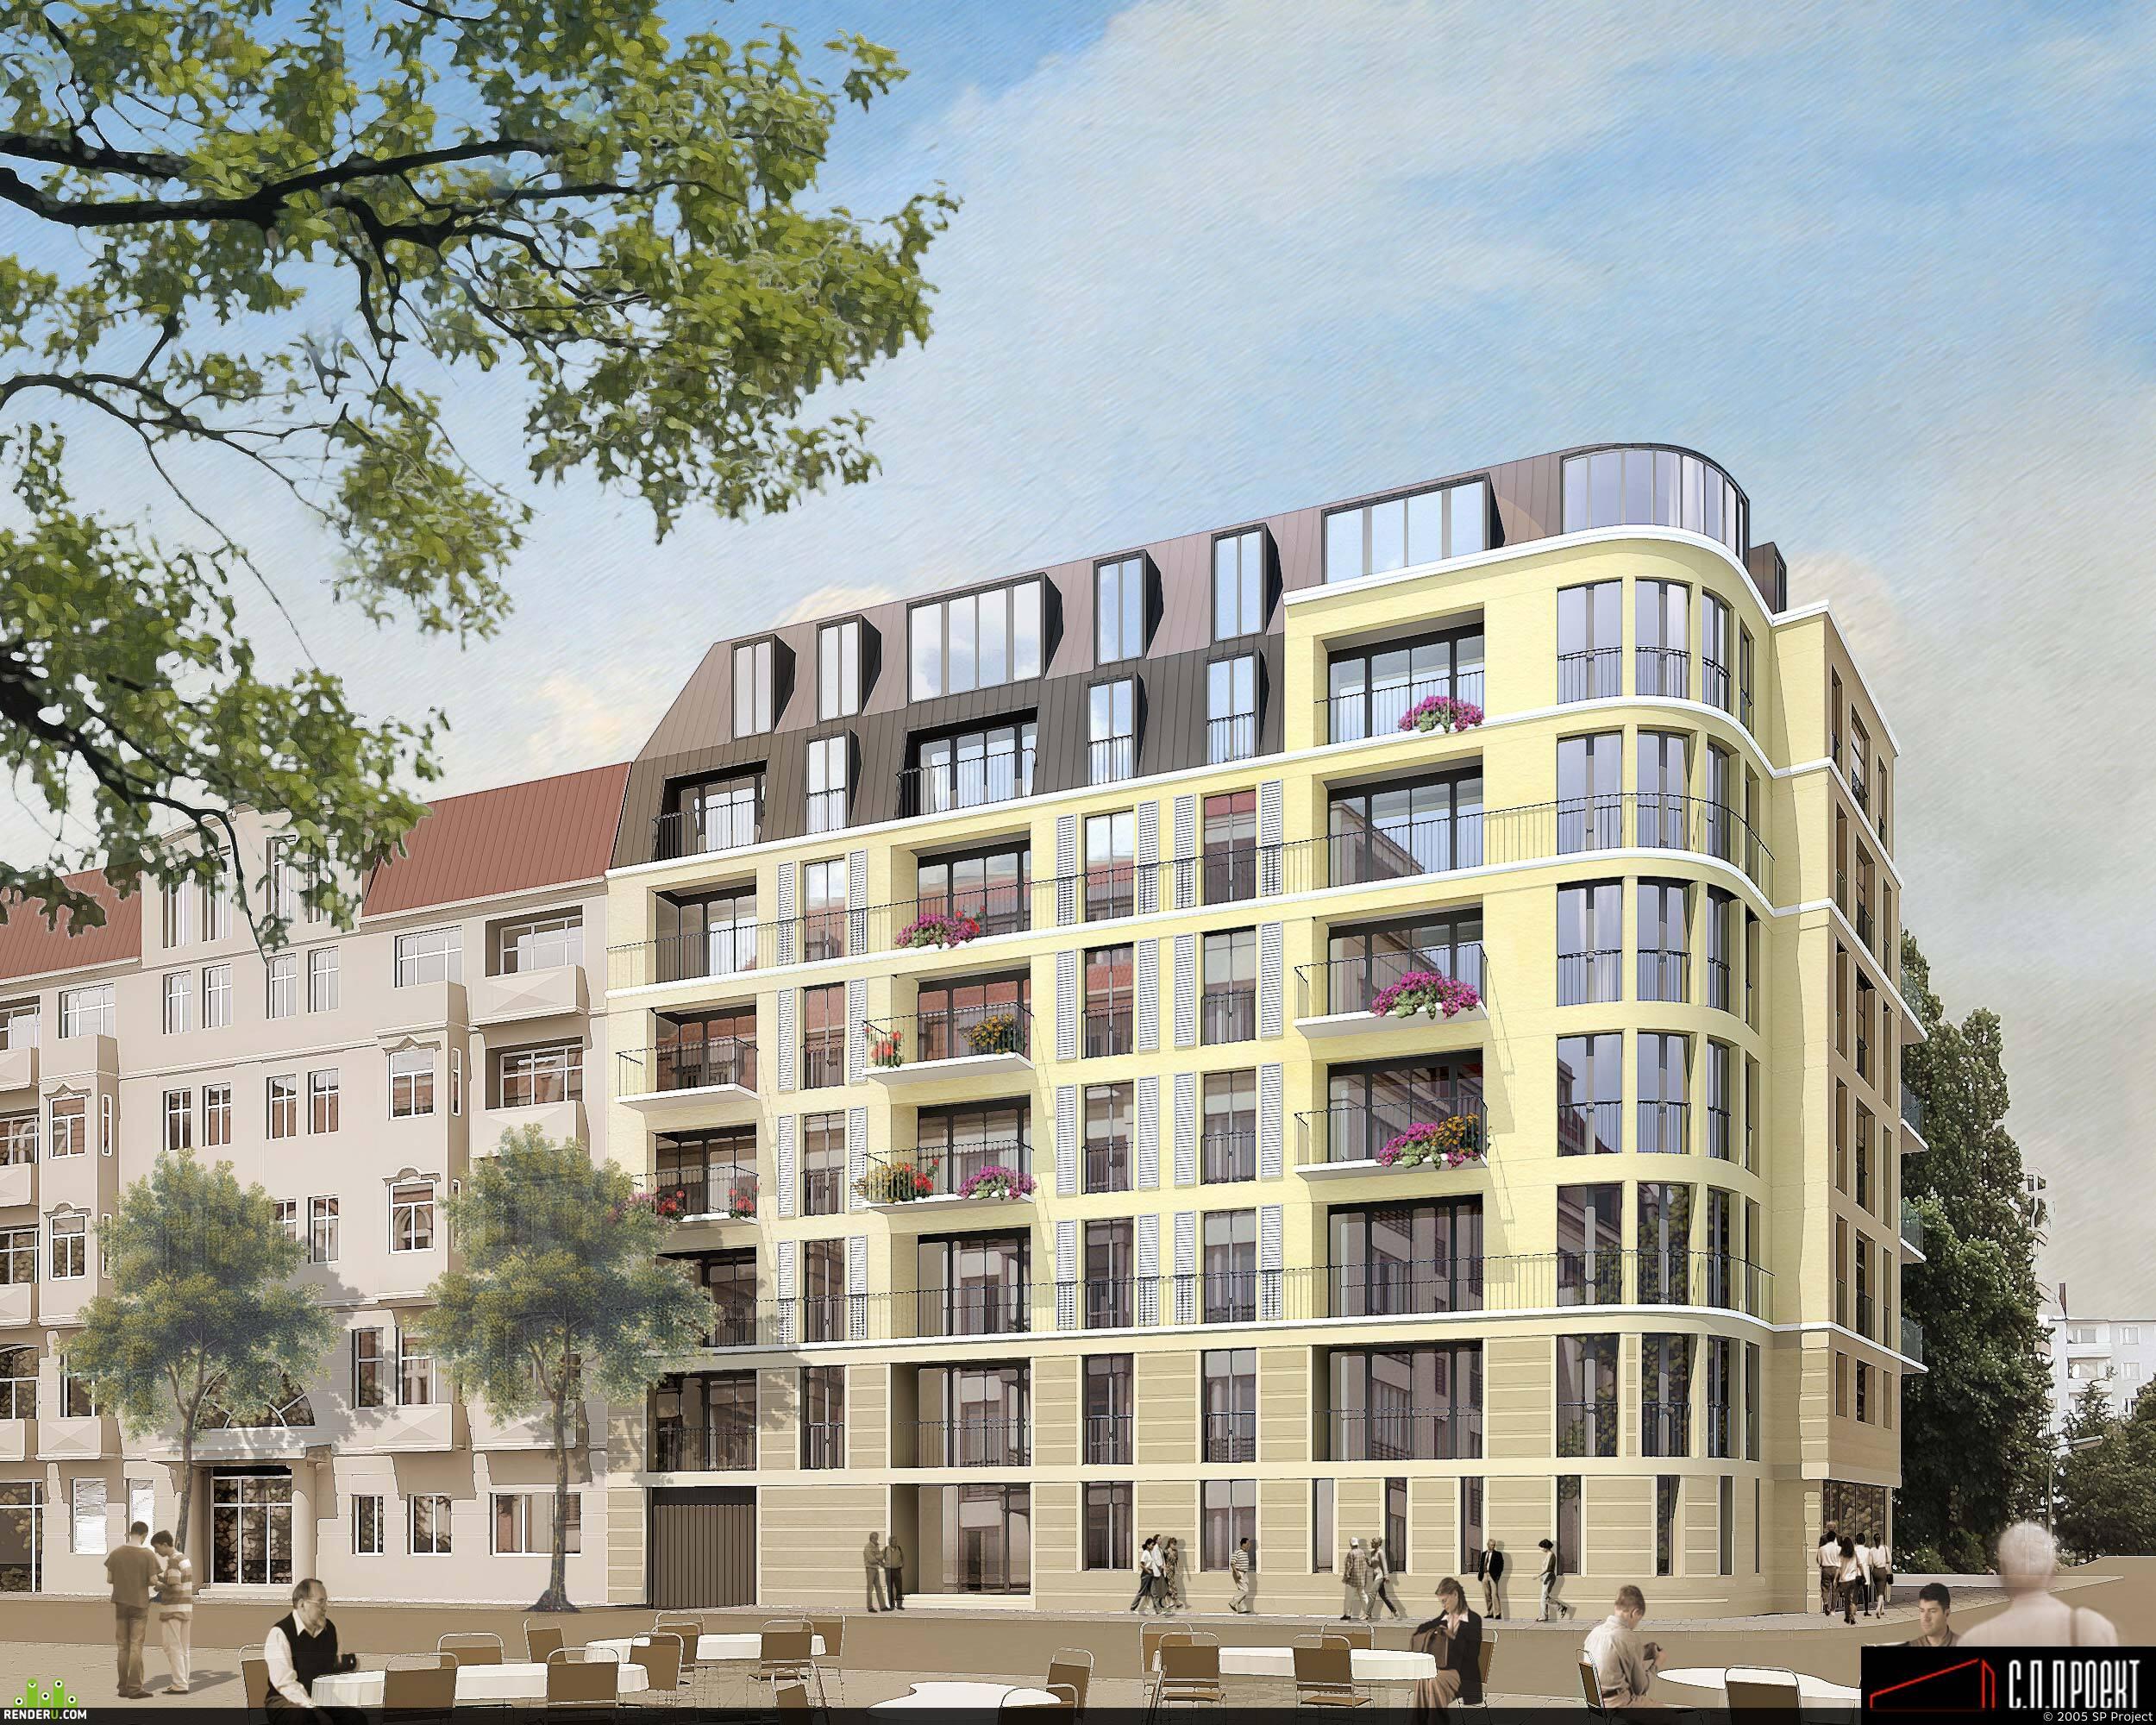 preview Визуализация жилого здания в Германии